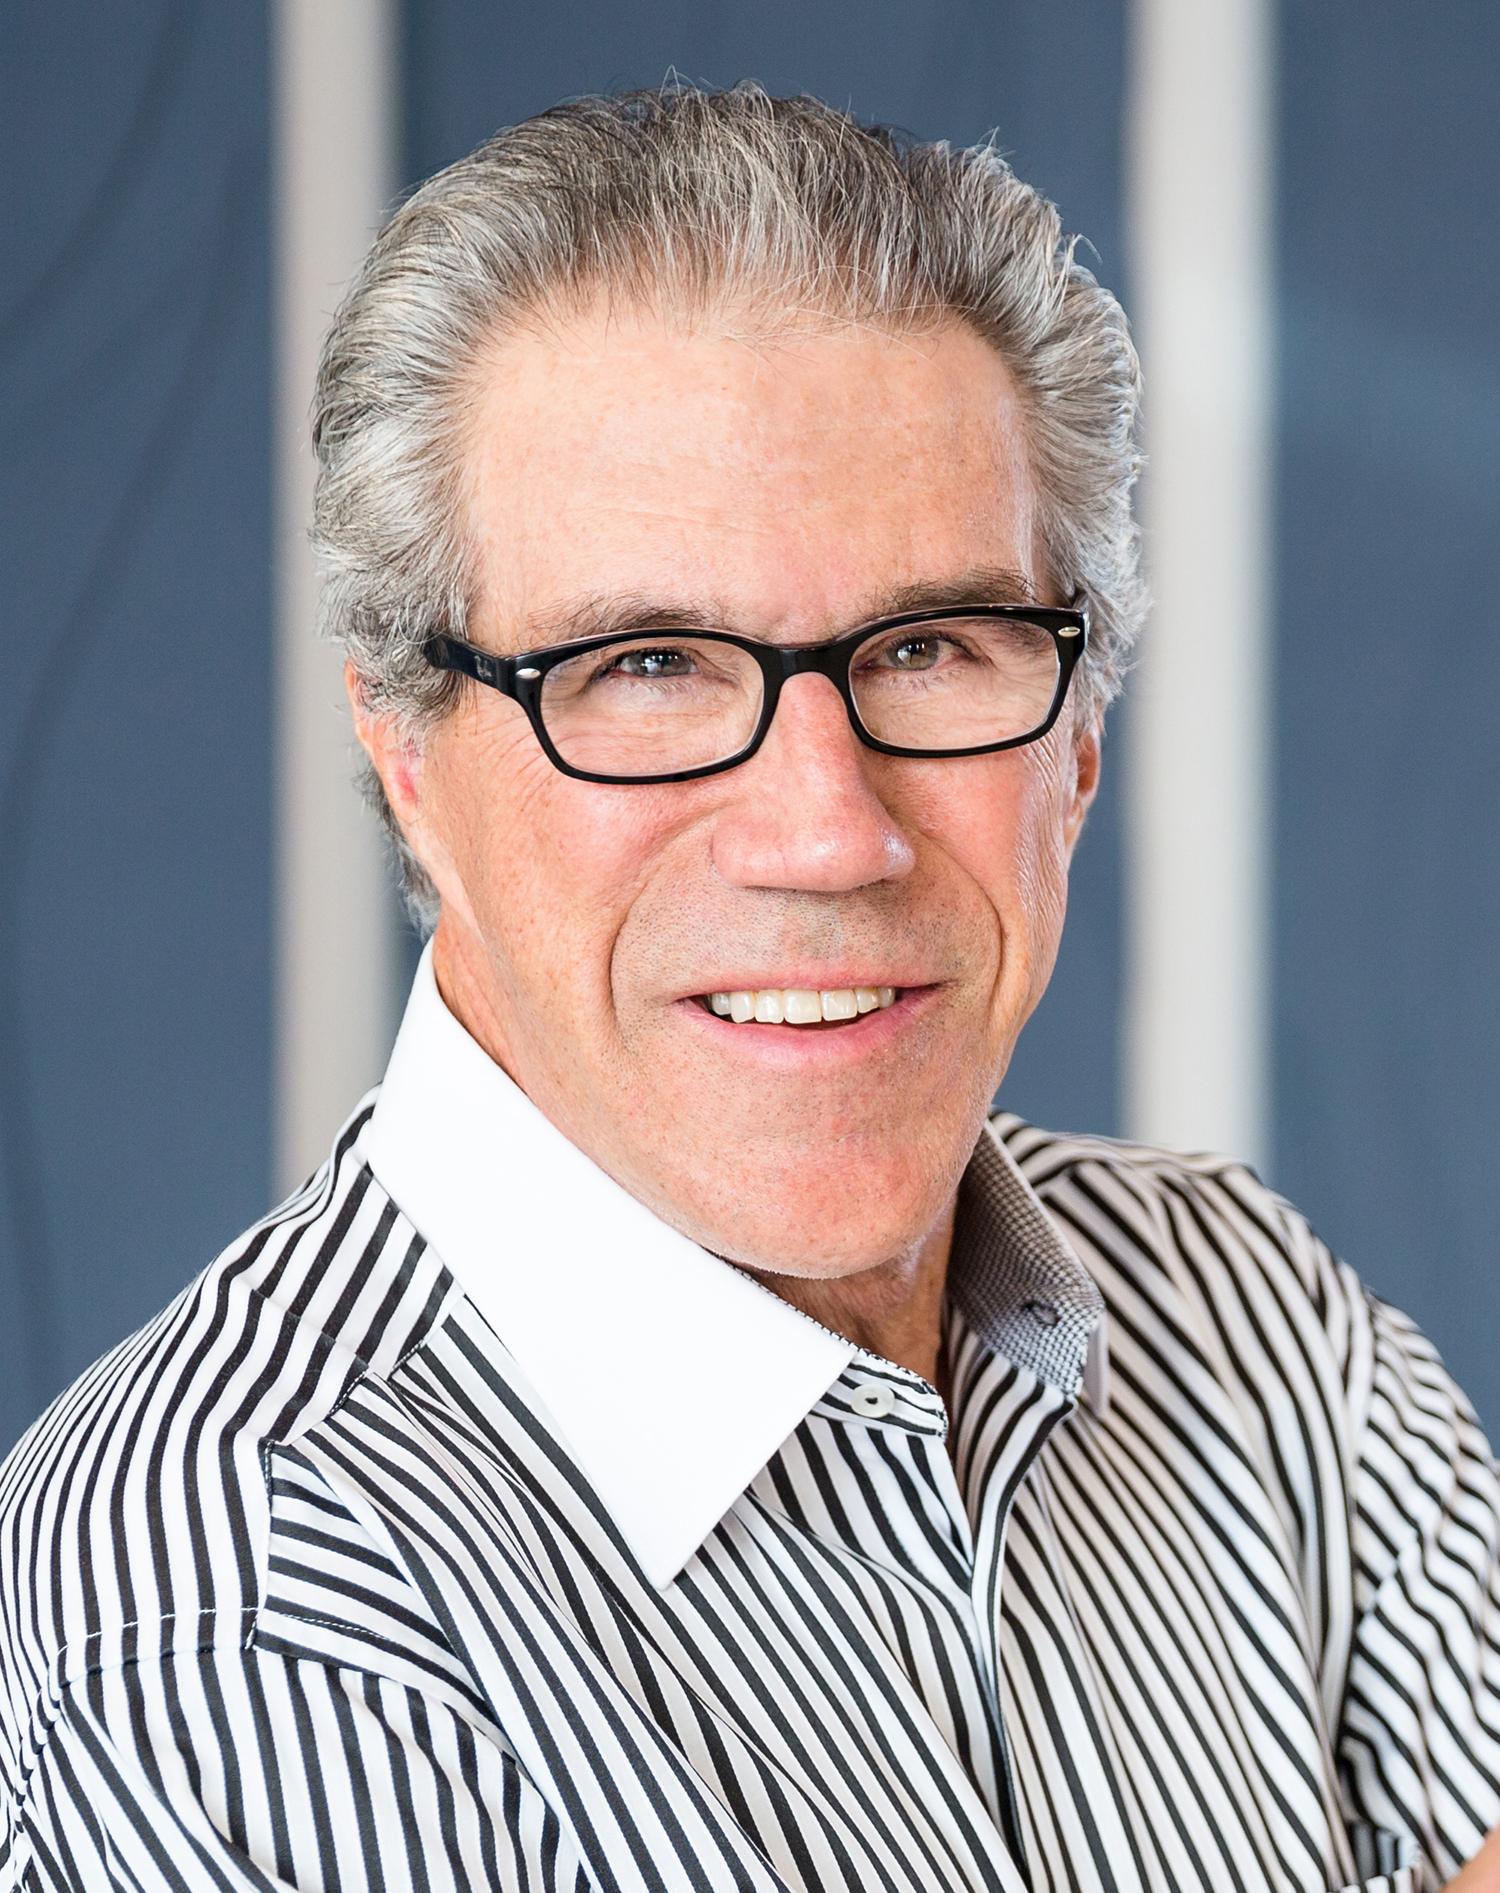 Dr. Paul Homoly